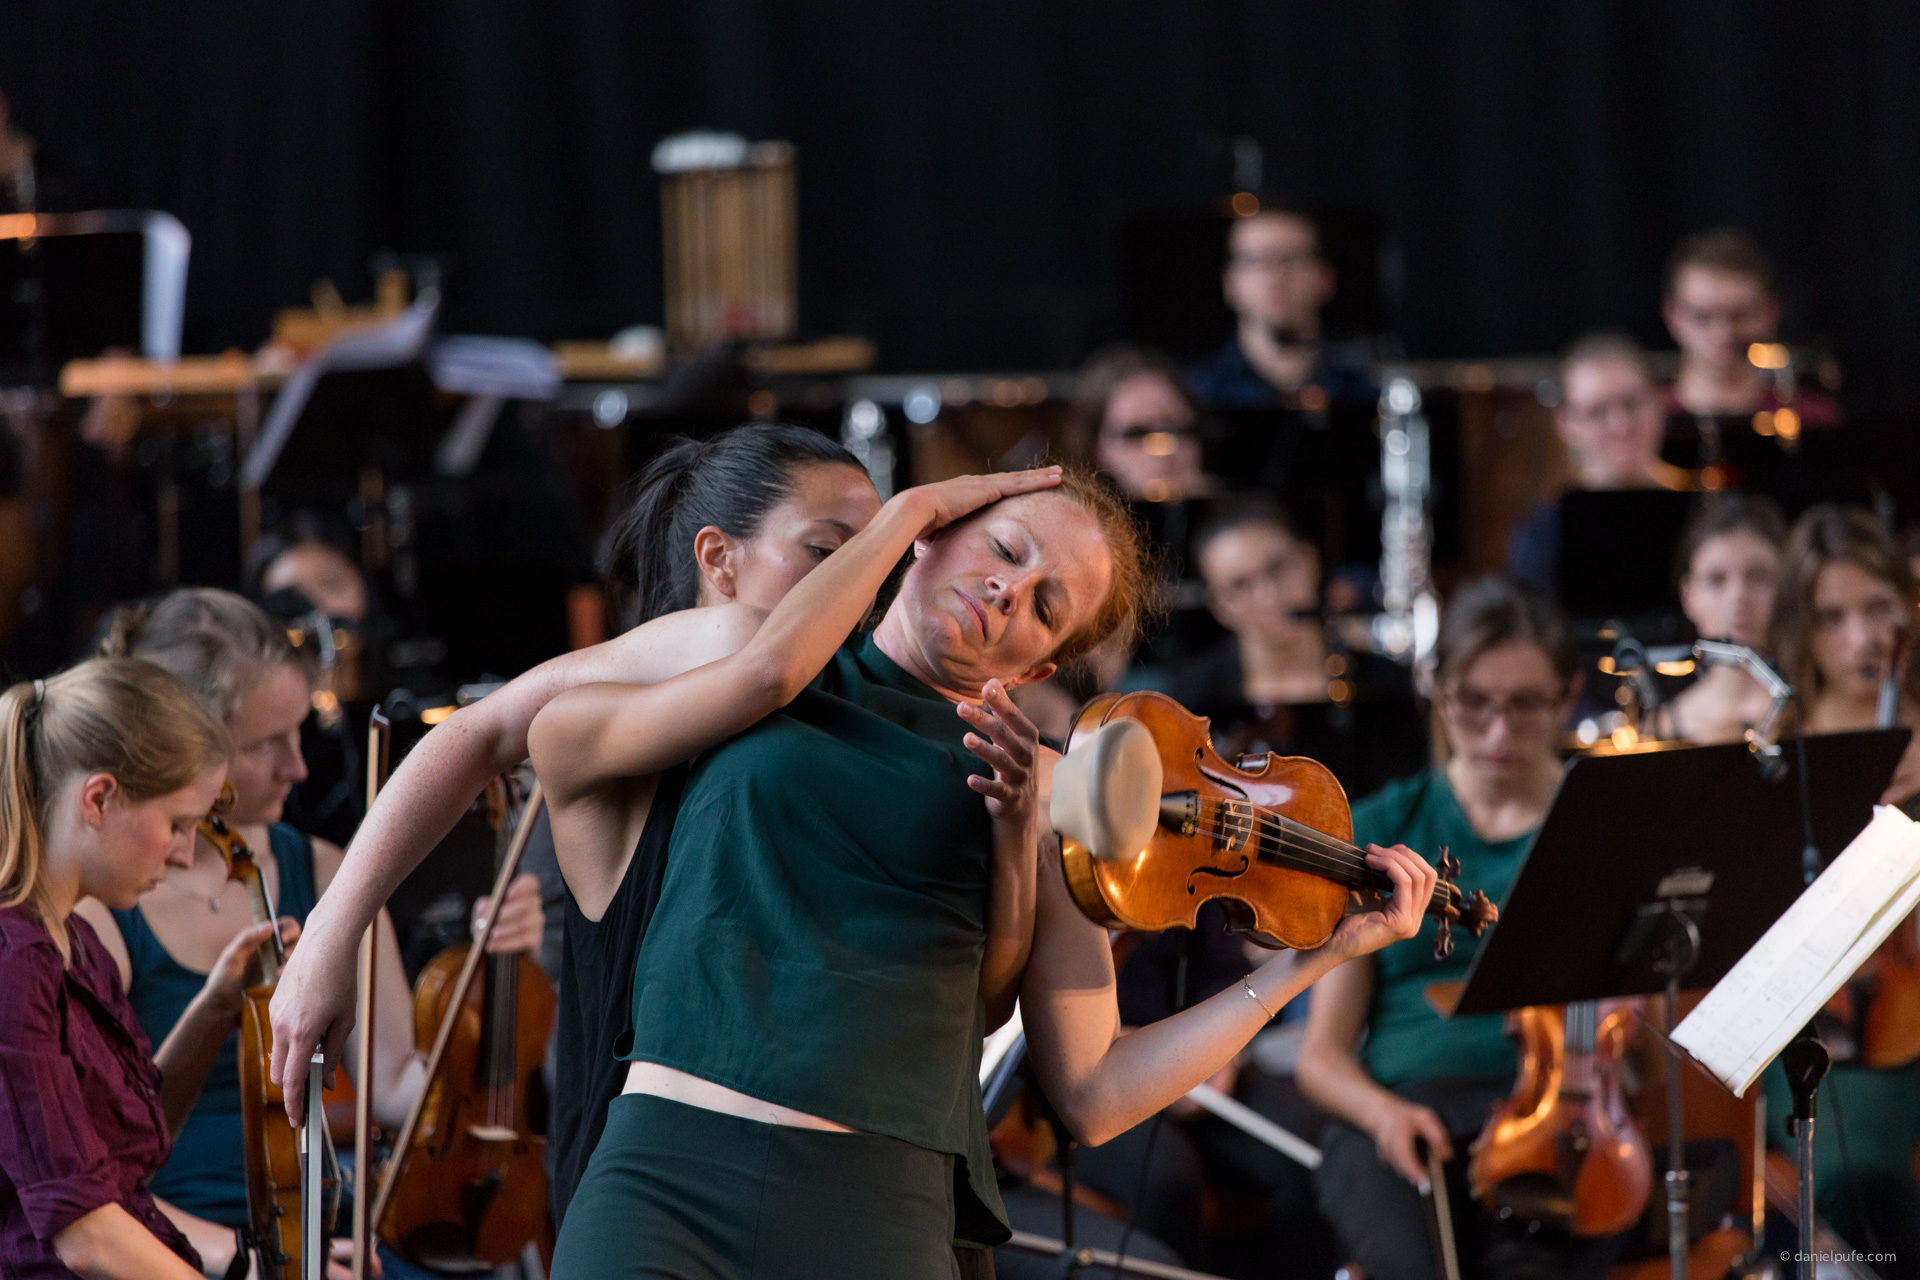 Probe Abschlusskonzert: Un/Ruhe - Sasha Waltz + Guests and Junge